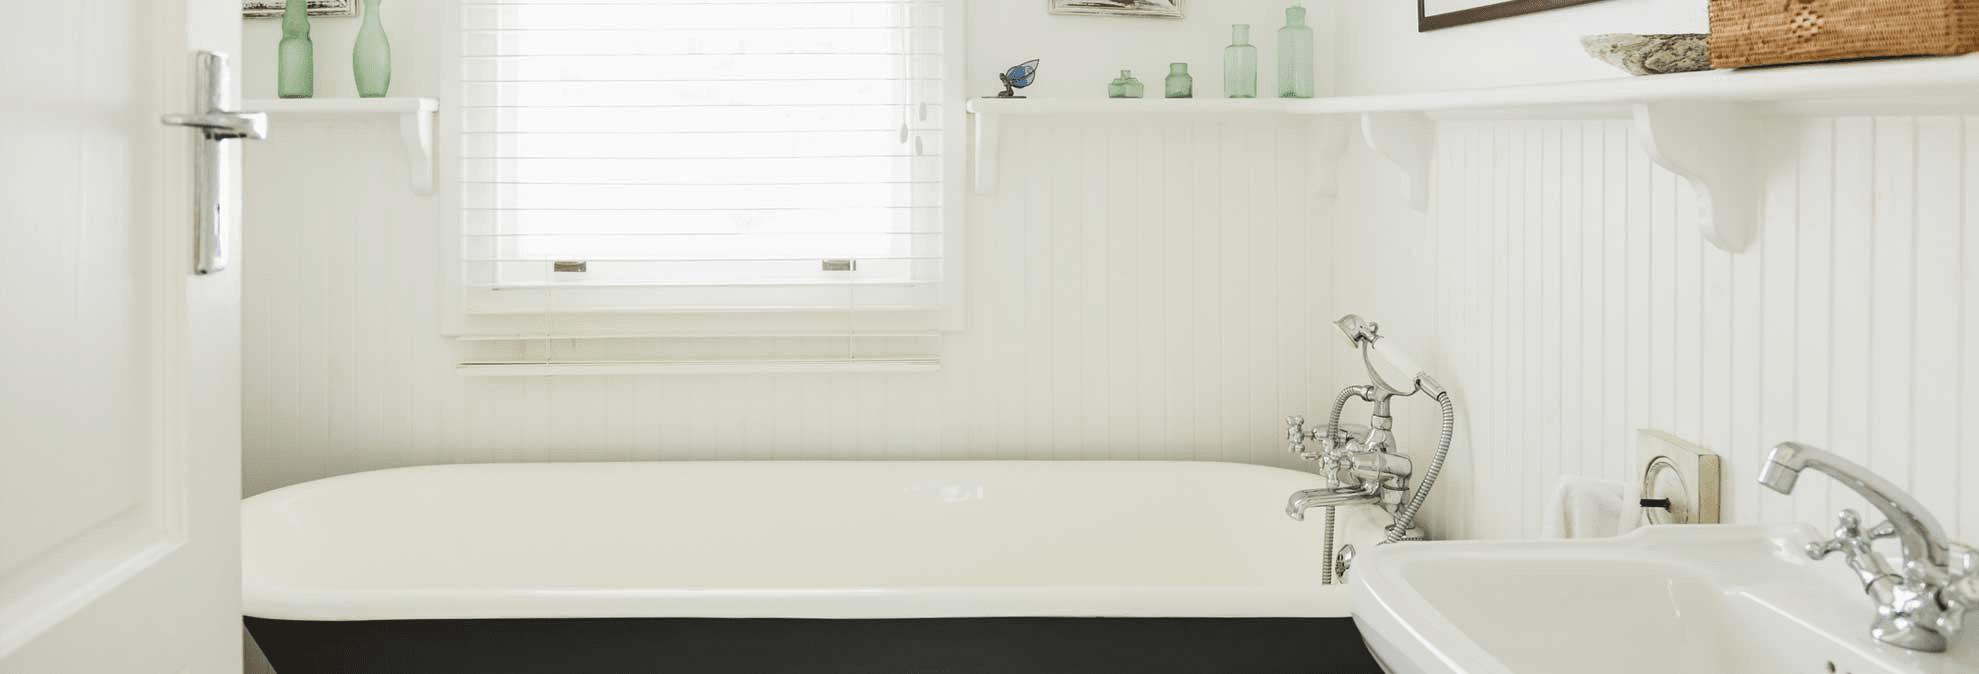 Best mildew resistant paint for your bathroom for Mold resistant bathroom paint